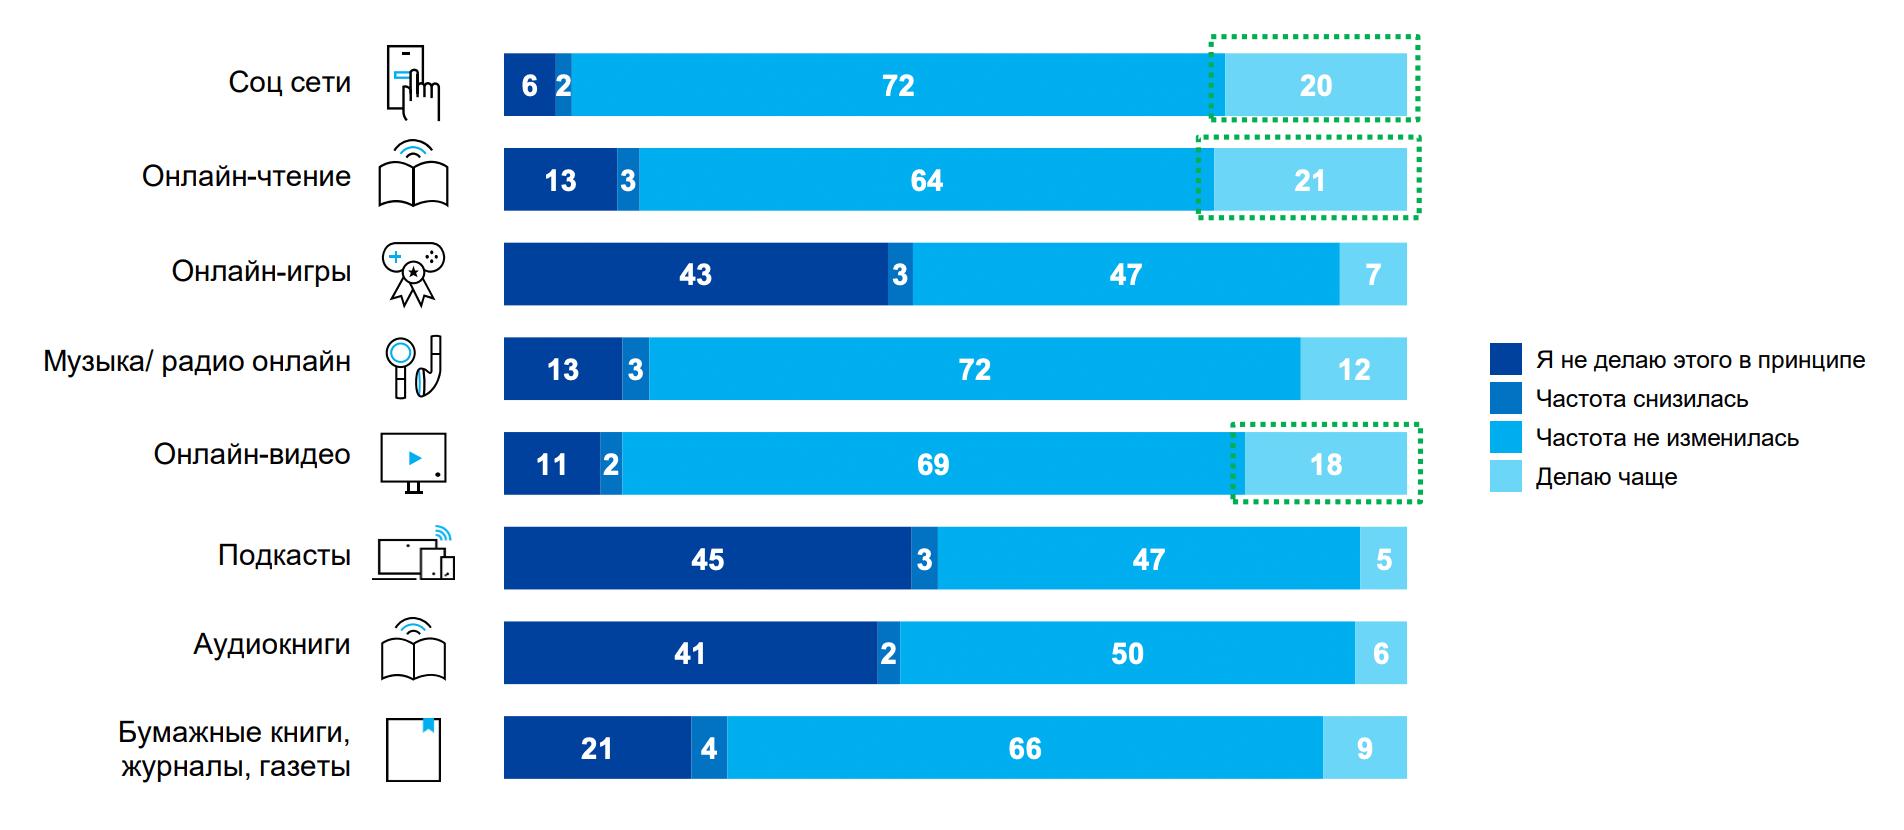 Данные исследования Nielsen за 23—25 марта 2020. Увеличилось использование онлайн-форматов — соцсетей, видео, чтения